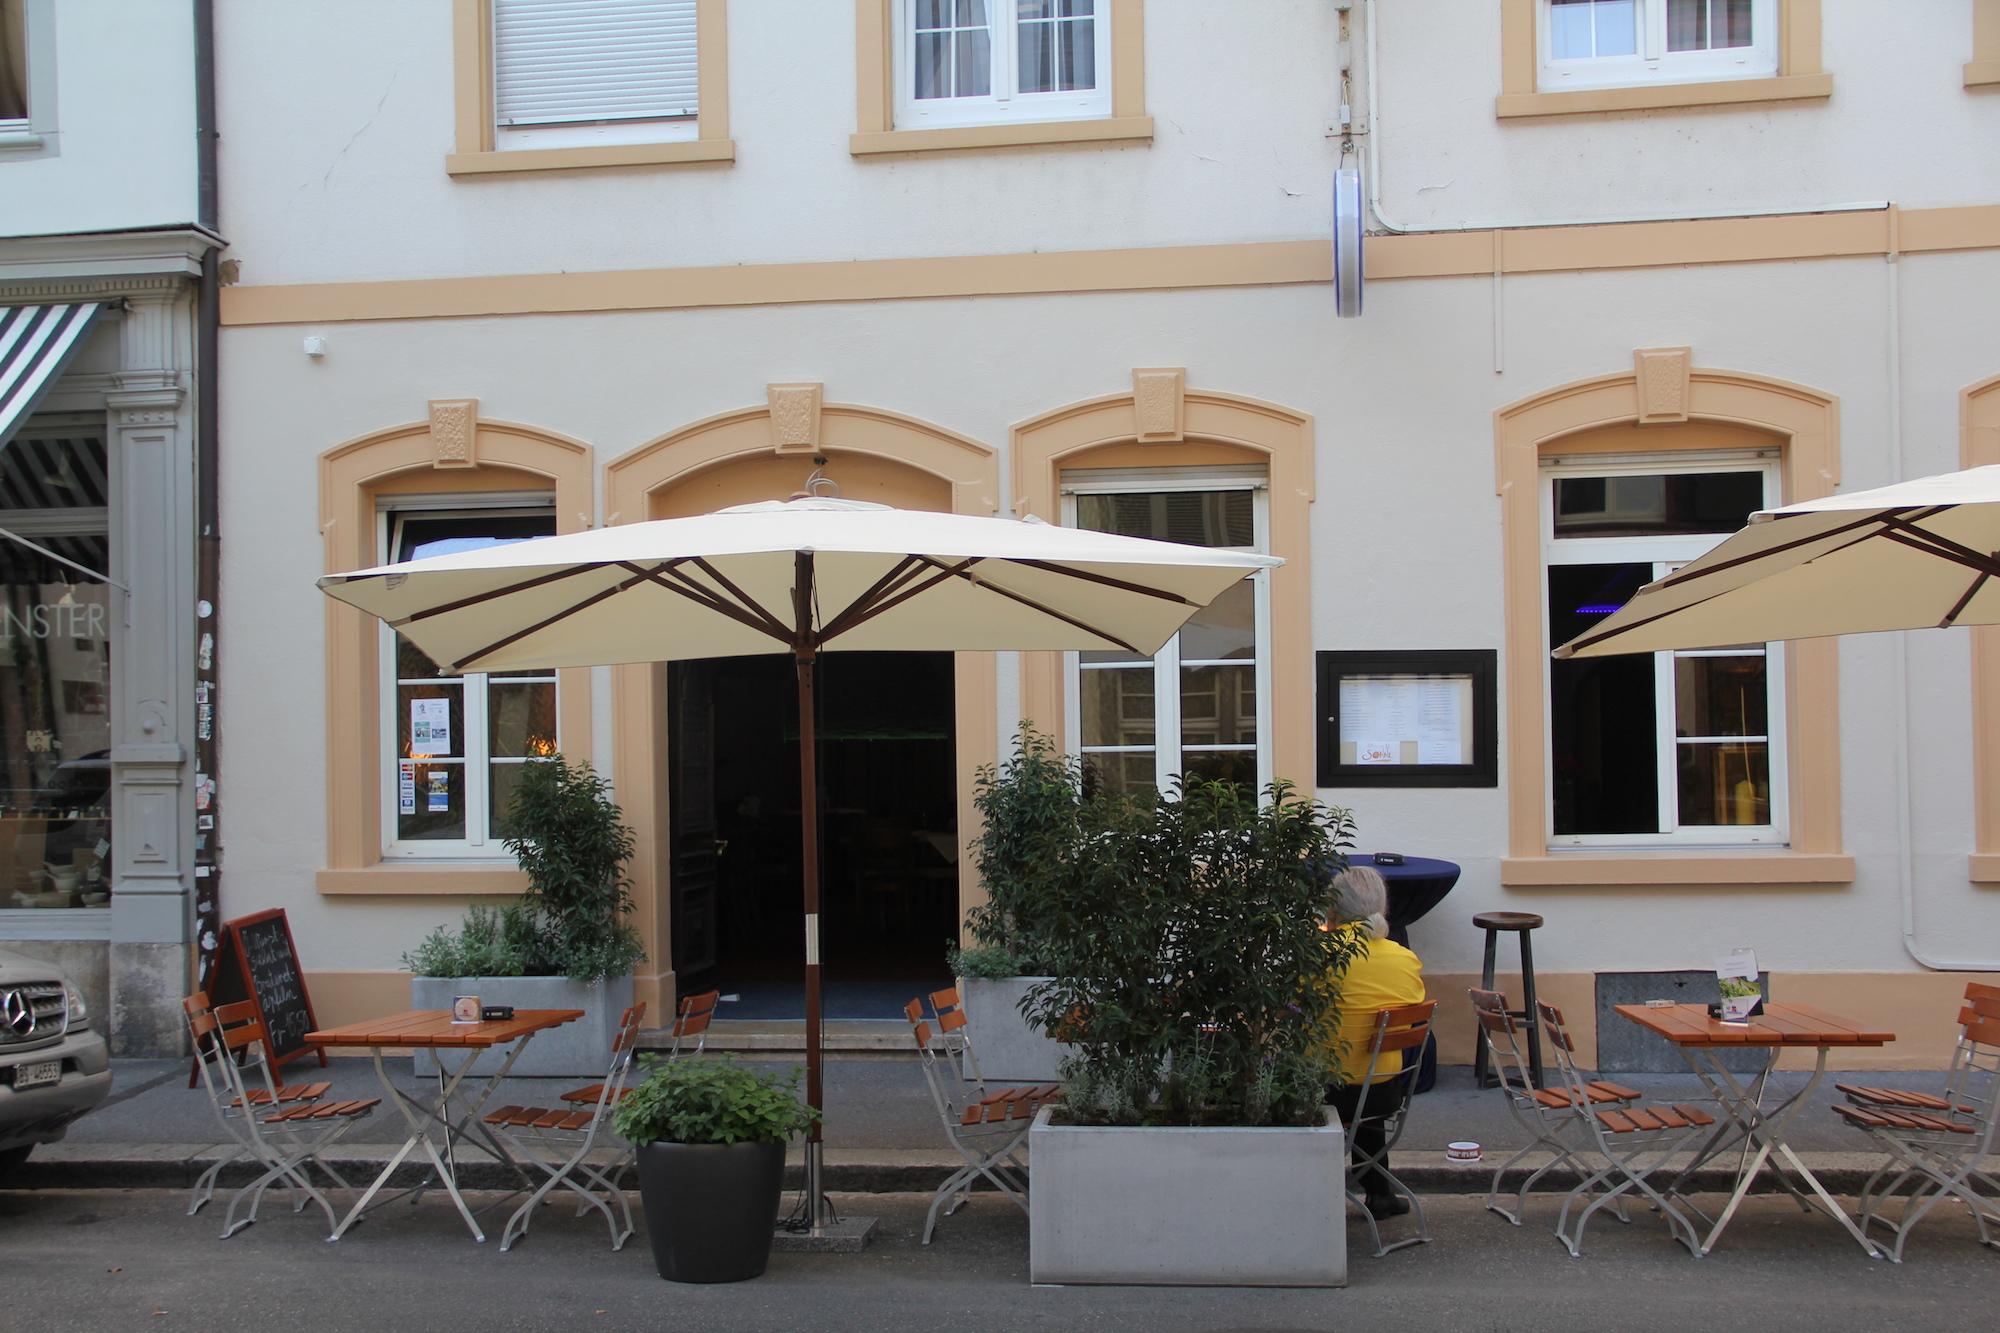 Nun mit Kaisergulasch und wohl bald wieder mit Oktoberfest-Gassenhauern: An der Rheingasse 25 steht erneut ein Wechsel an.